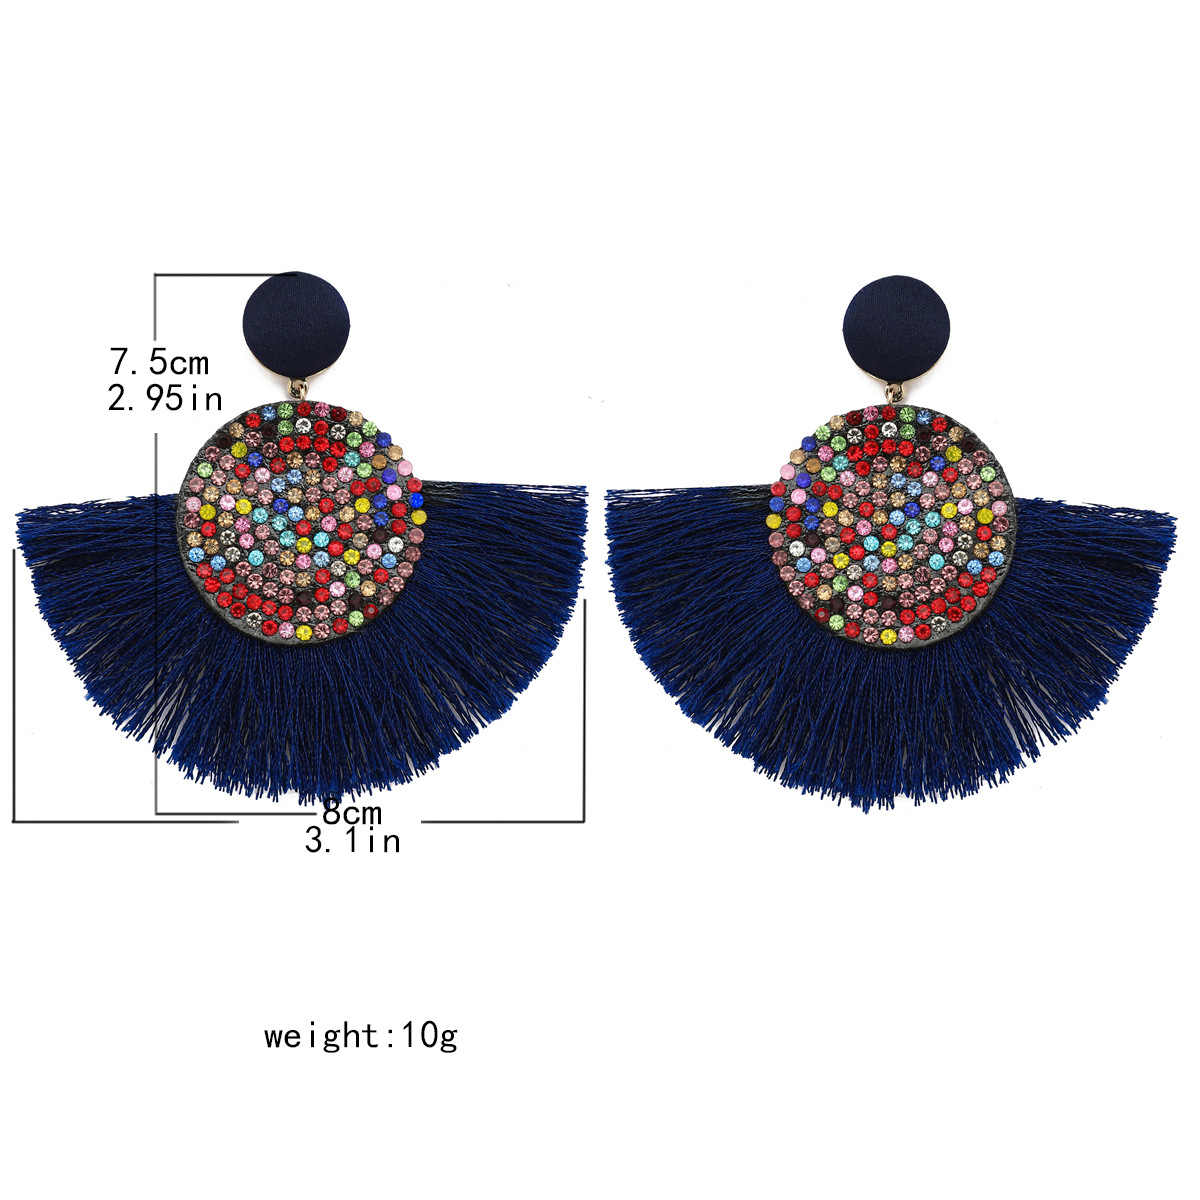 3.1*2.95 นิ้วพัดลมพู่ต่างหูโบฮีเมียนขนาดใหญ่แอฟริกันที่มีสีสัน Handmade คริสตัลต่างหูผู้หญิงเครื่องประดับอุปกรณ์เสริม